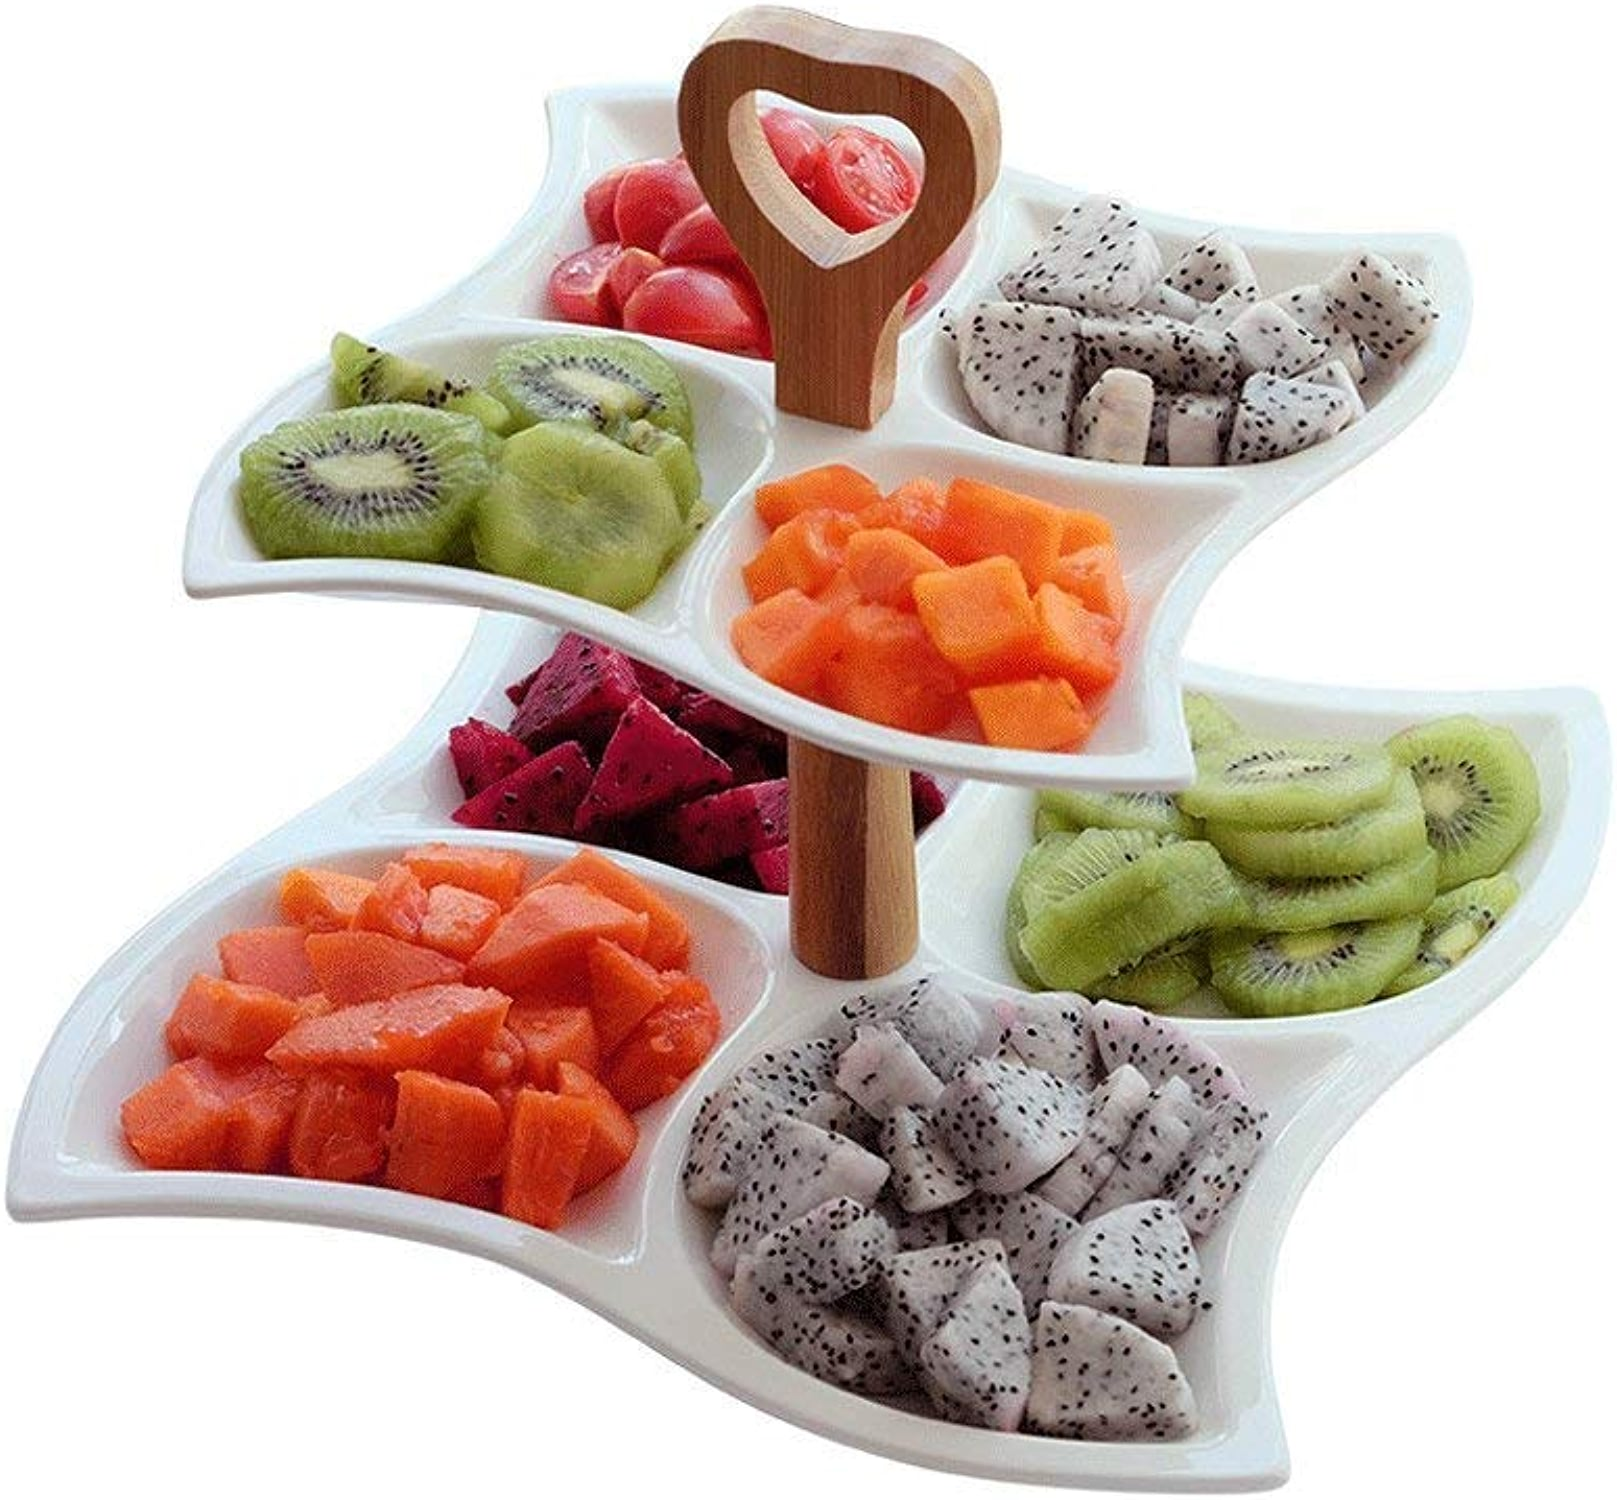 Double assiette de fruits en céramique, assiette de fruits à desserts multigrains, assiette de fruits secs, Boîte à collations, assiette pour le petit déjeuner (Couleur   6911900000)